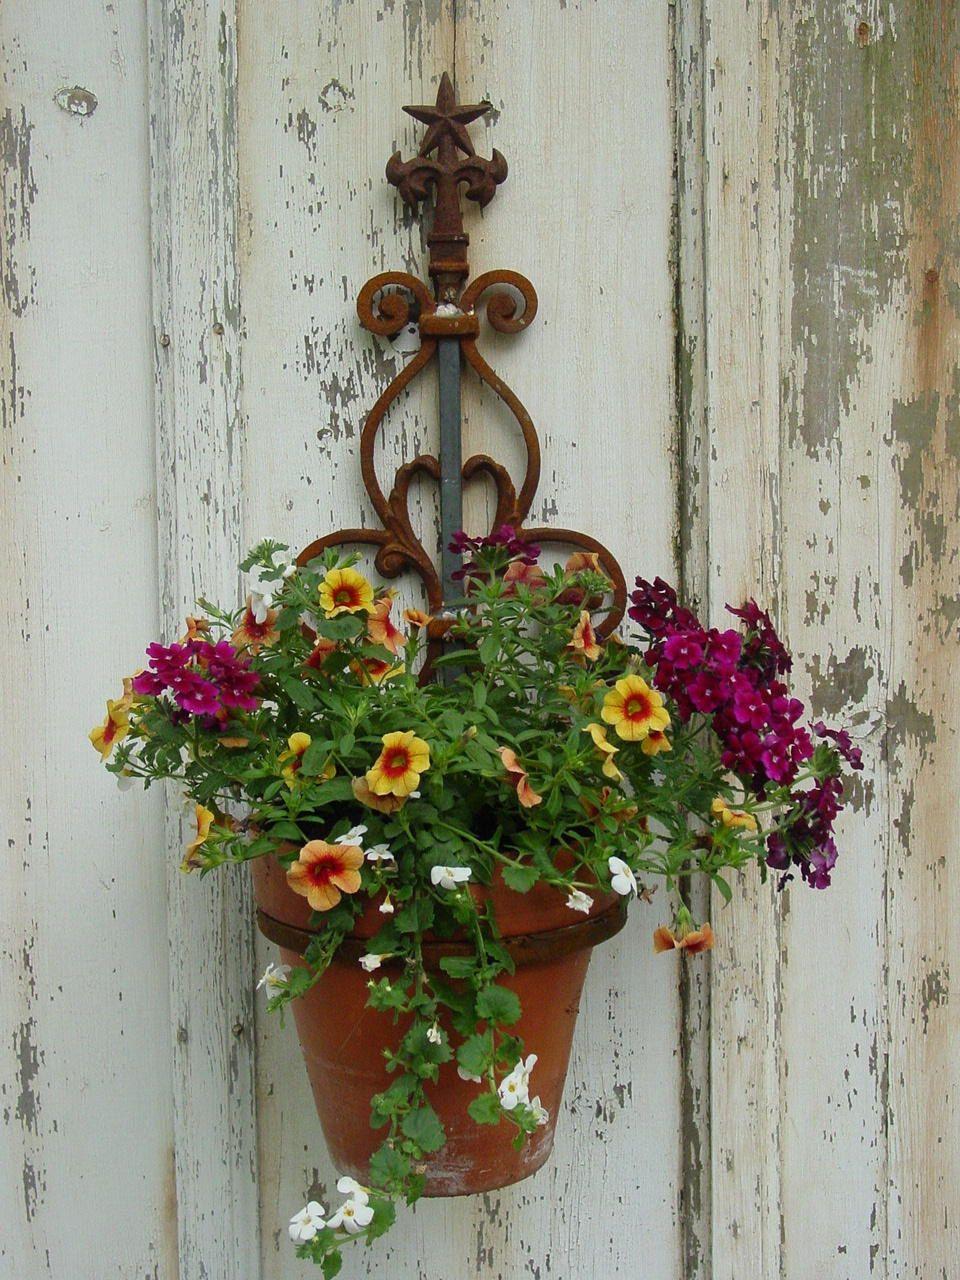 Настенная кованая подставка для цветов в винтажном стиле